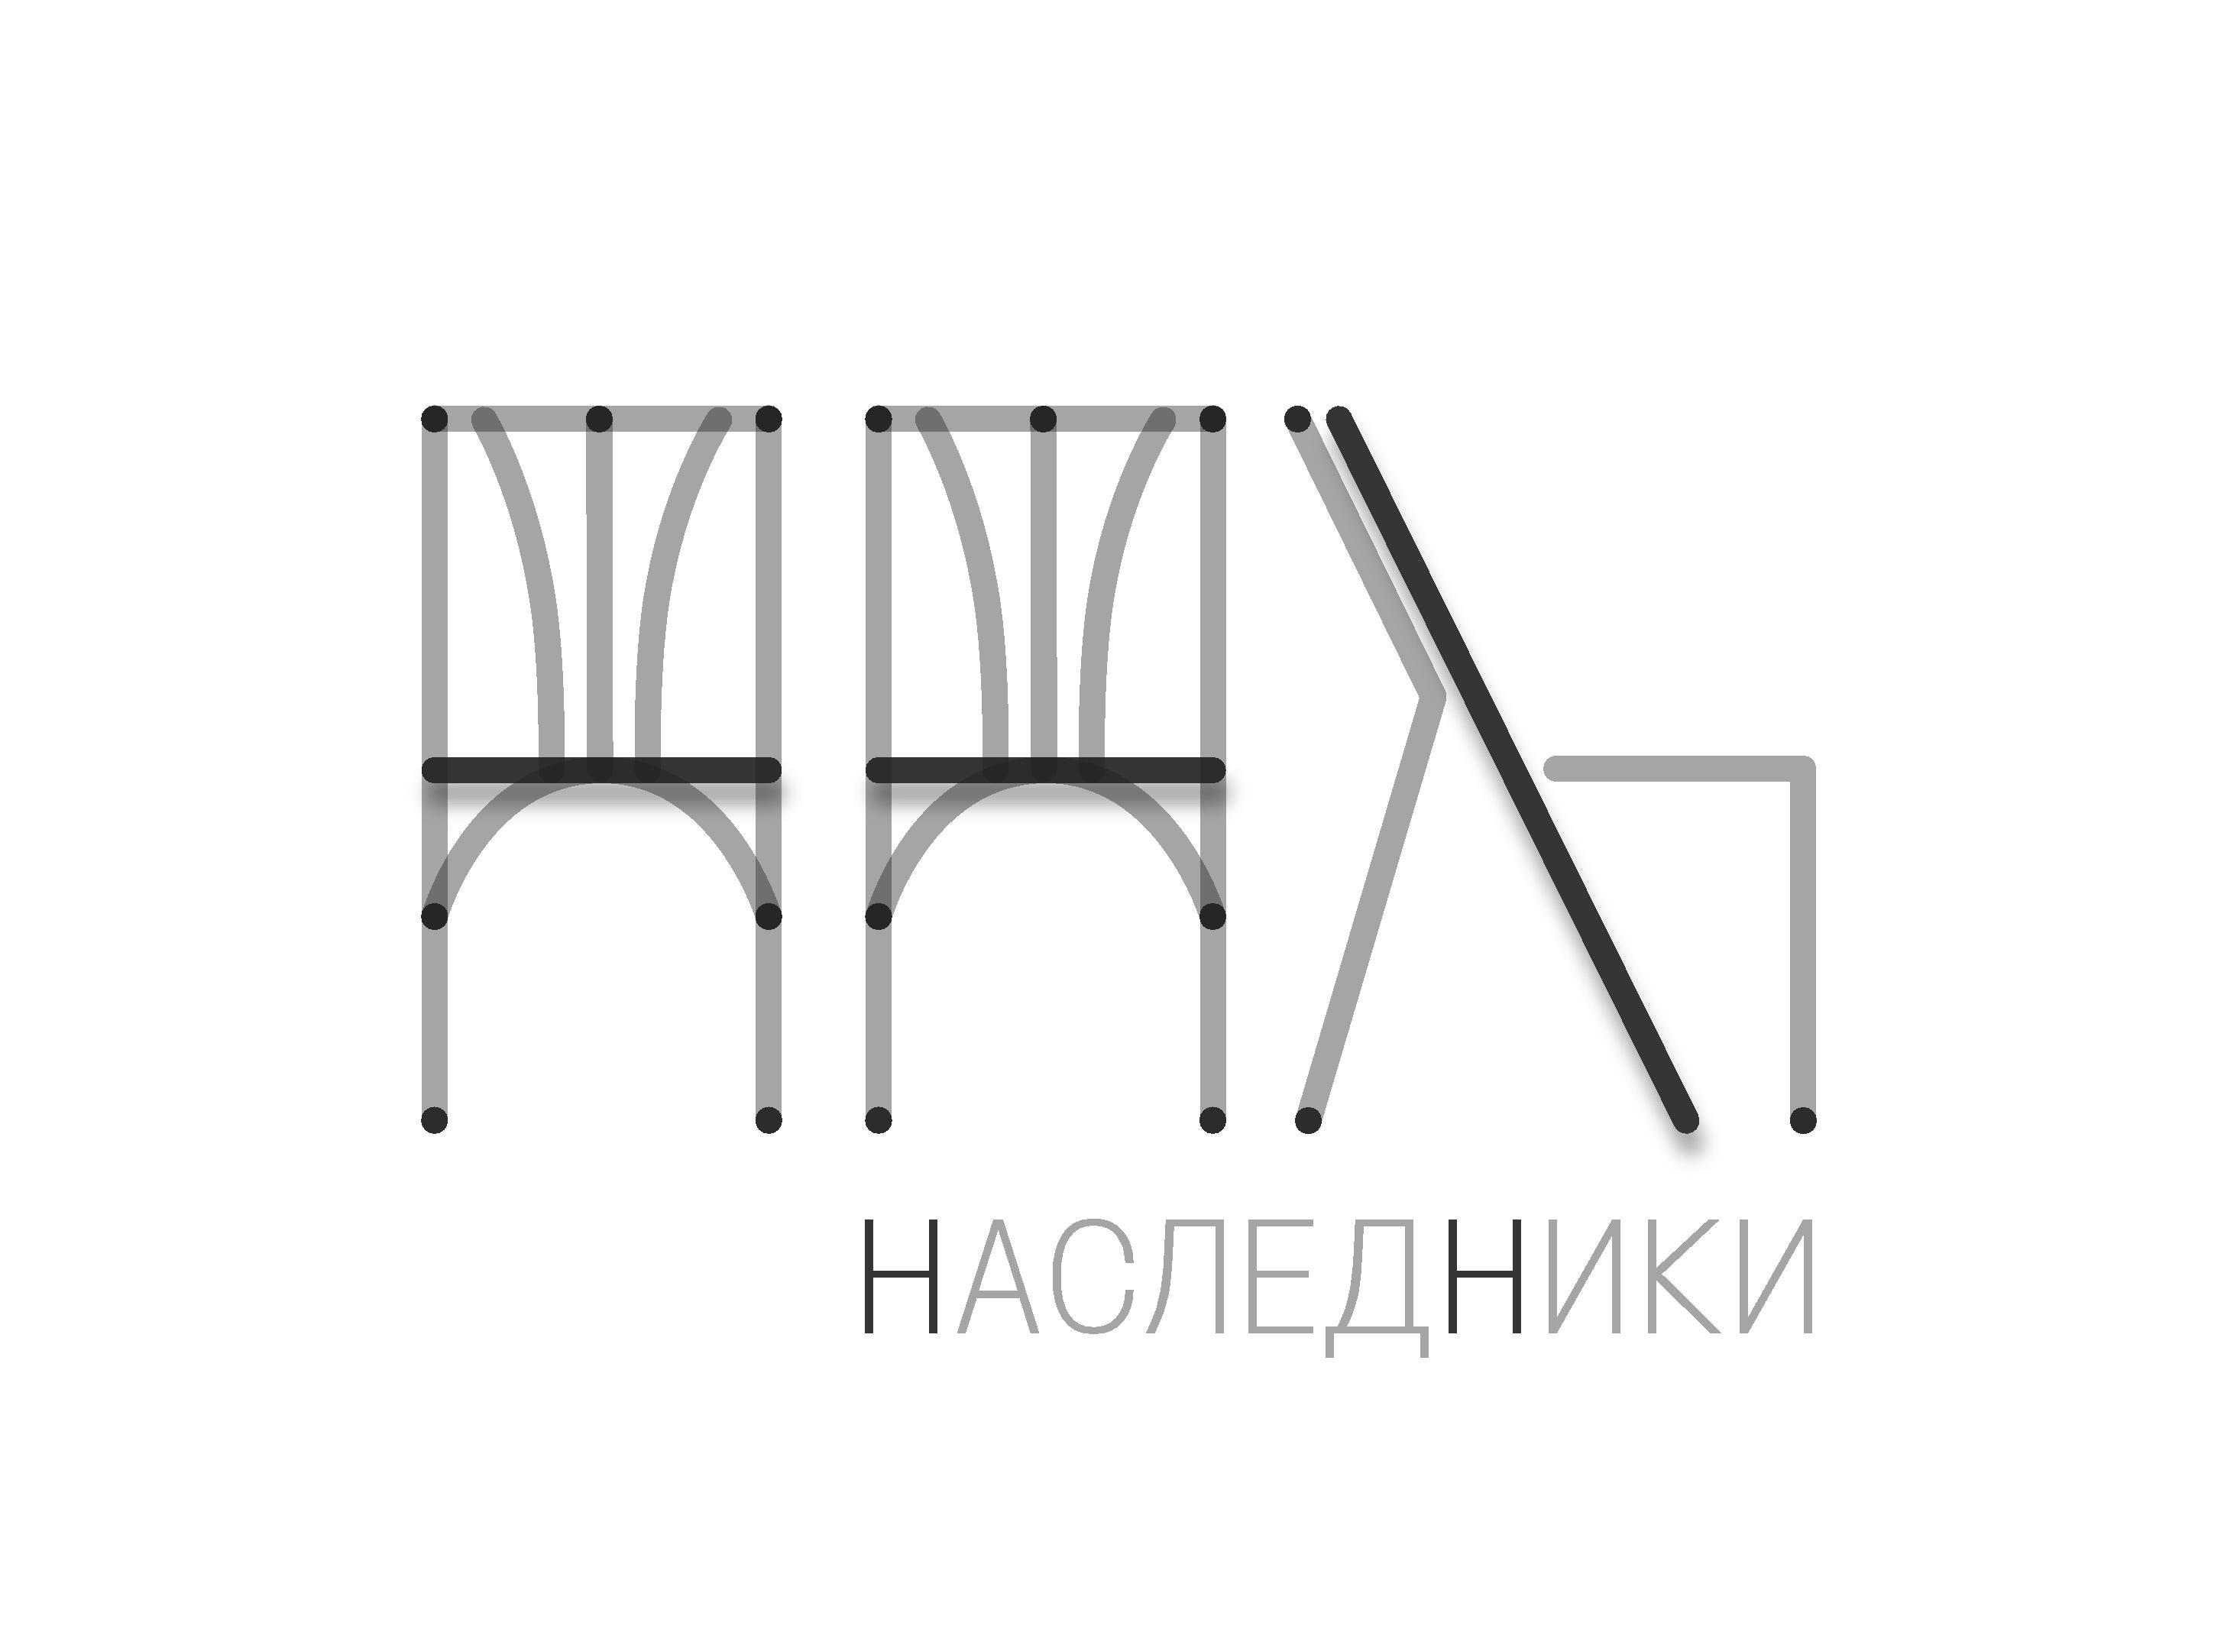 Nasledniki_logo2_2-page-001